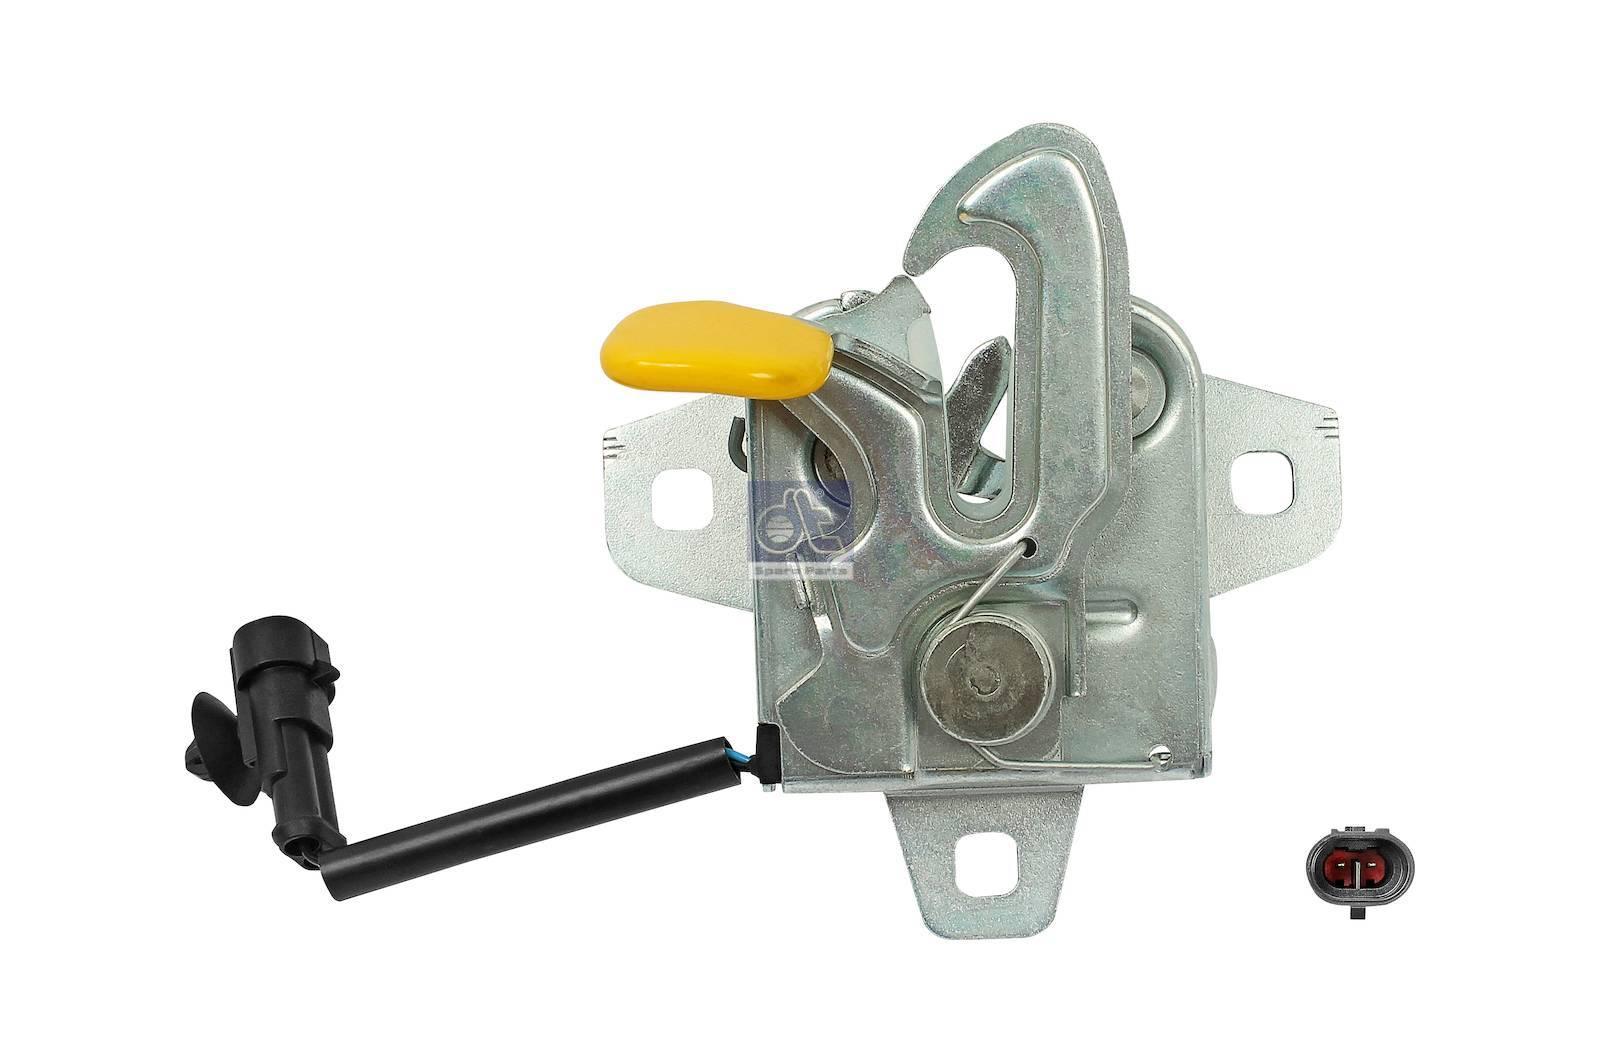 Engine hood slot